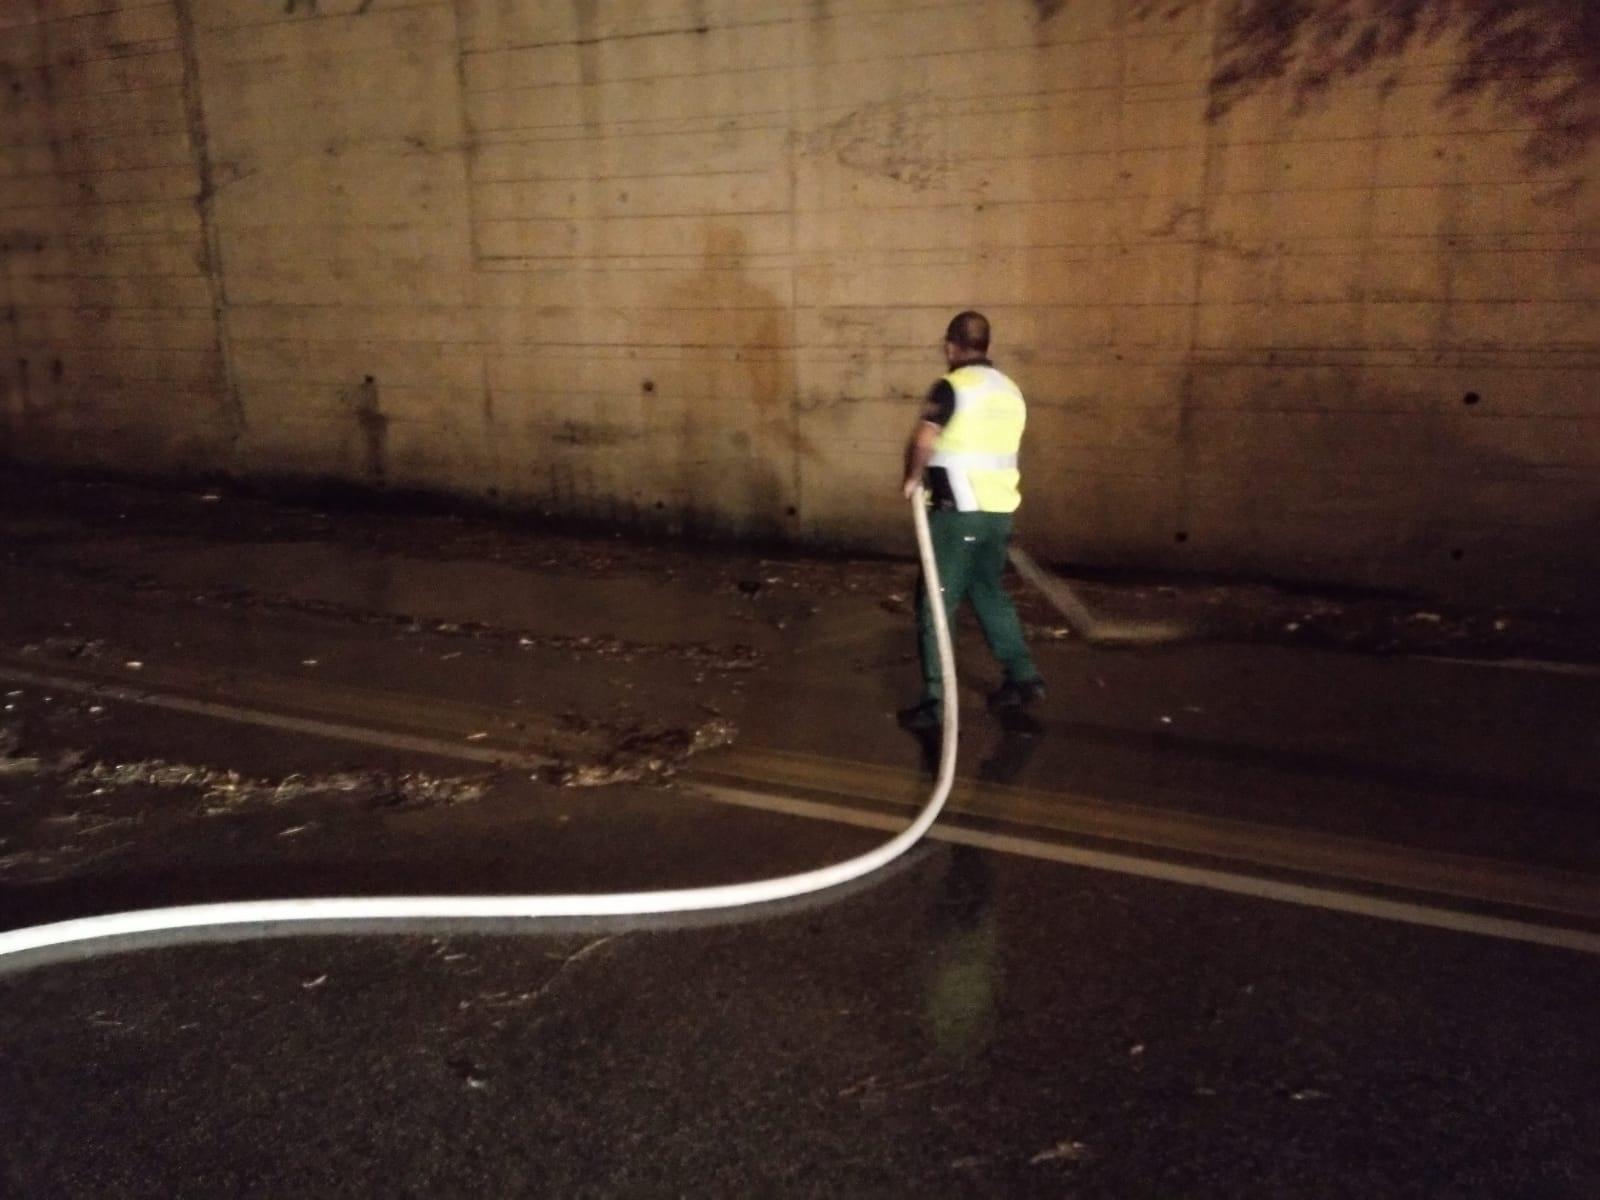 Acqua e fango bloccano Palermo, in azione anche la Protezione civile: interventi in numerose zone della città